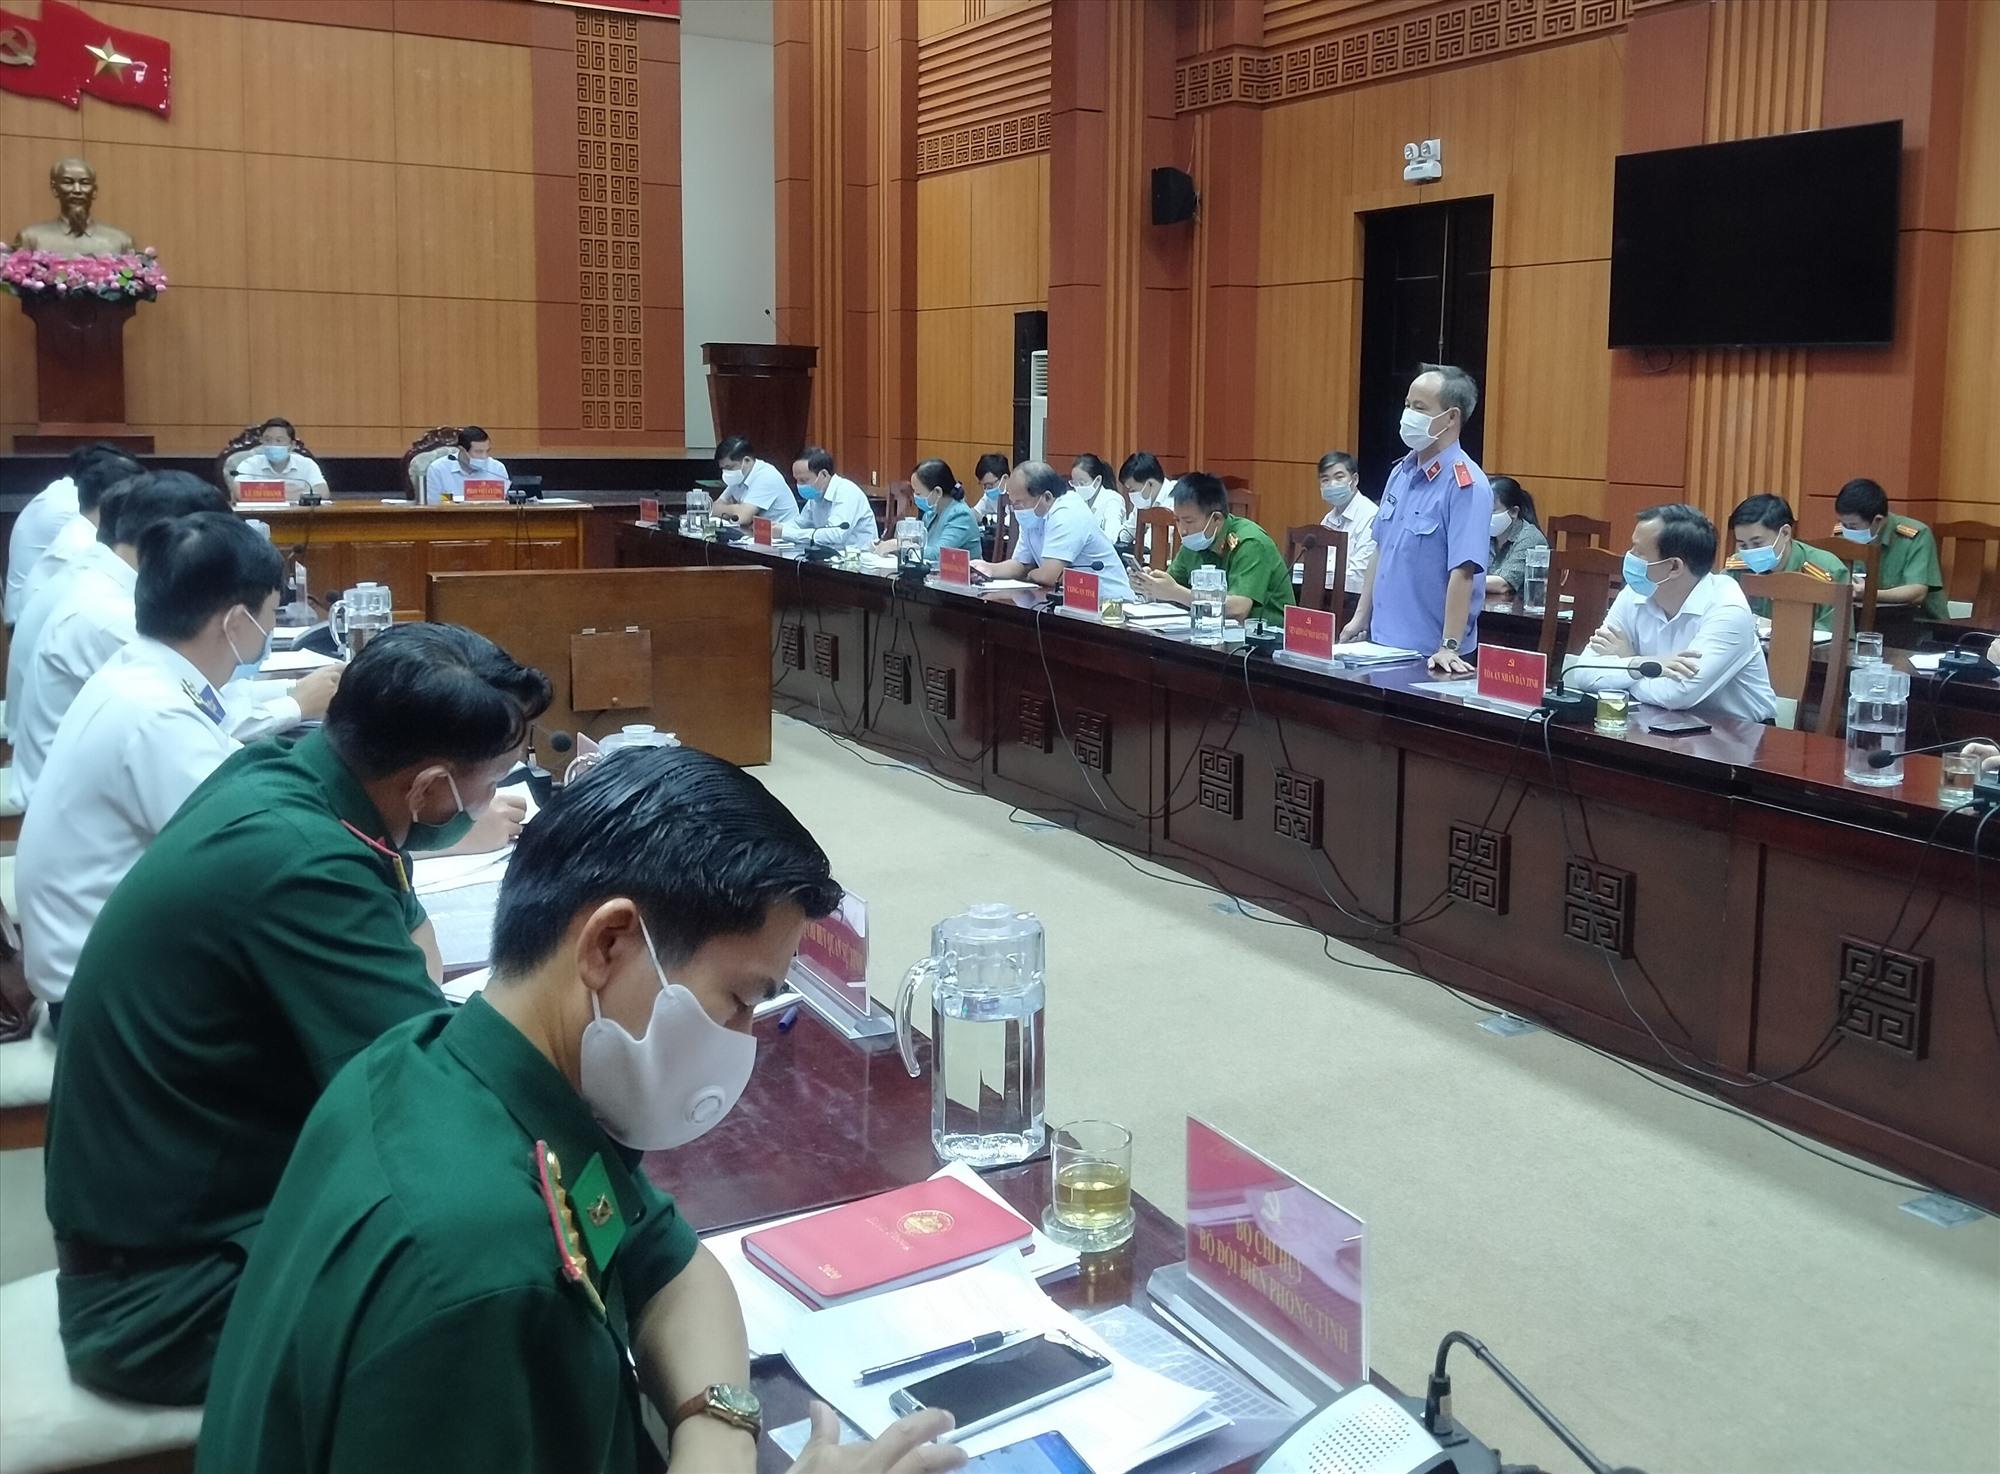 Các cơ quan nội chính thảo luận tại hội nghị sáng 21.7. Ảnh: N.Đ